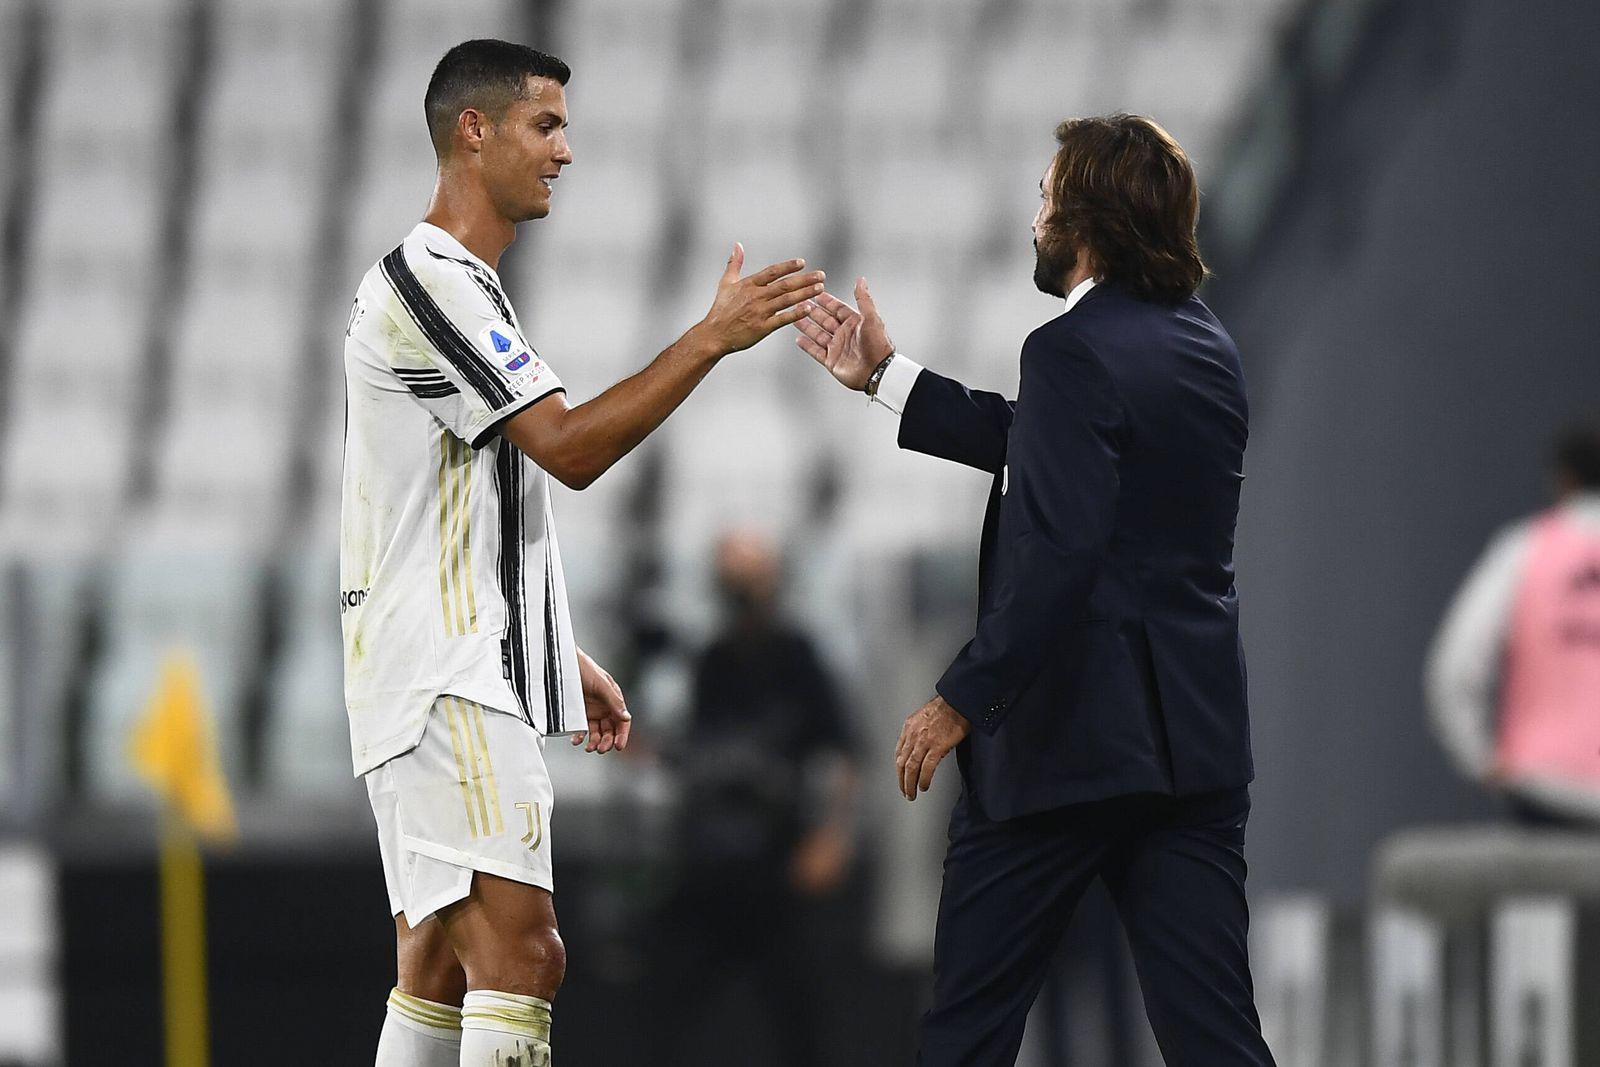 Torino 20/09/2020 - campionato di calcio serie A / Juventus-Sampdoria / foto Image nella foto: Andrea Pirlo-Cristiano Ro